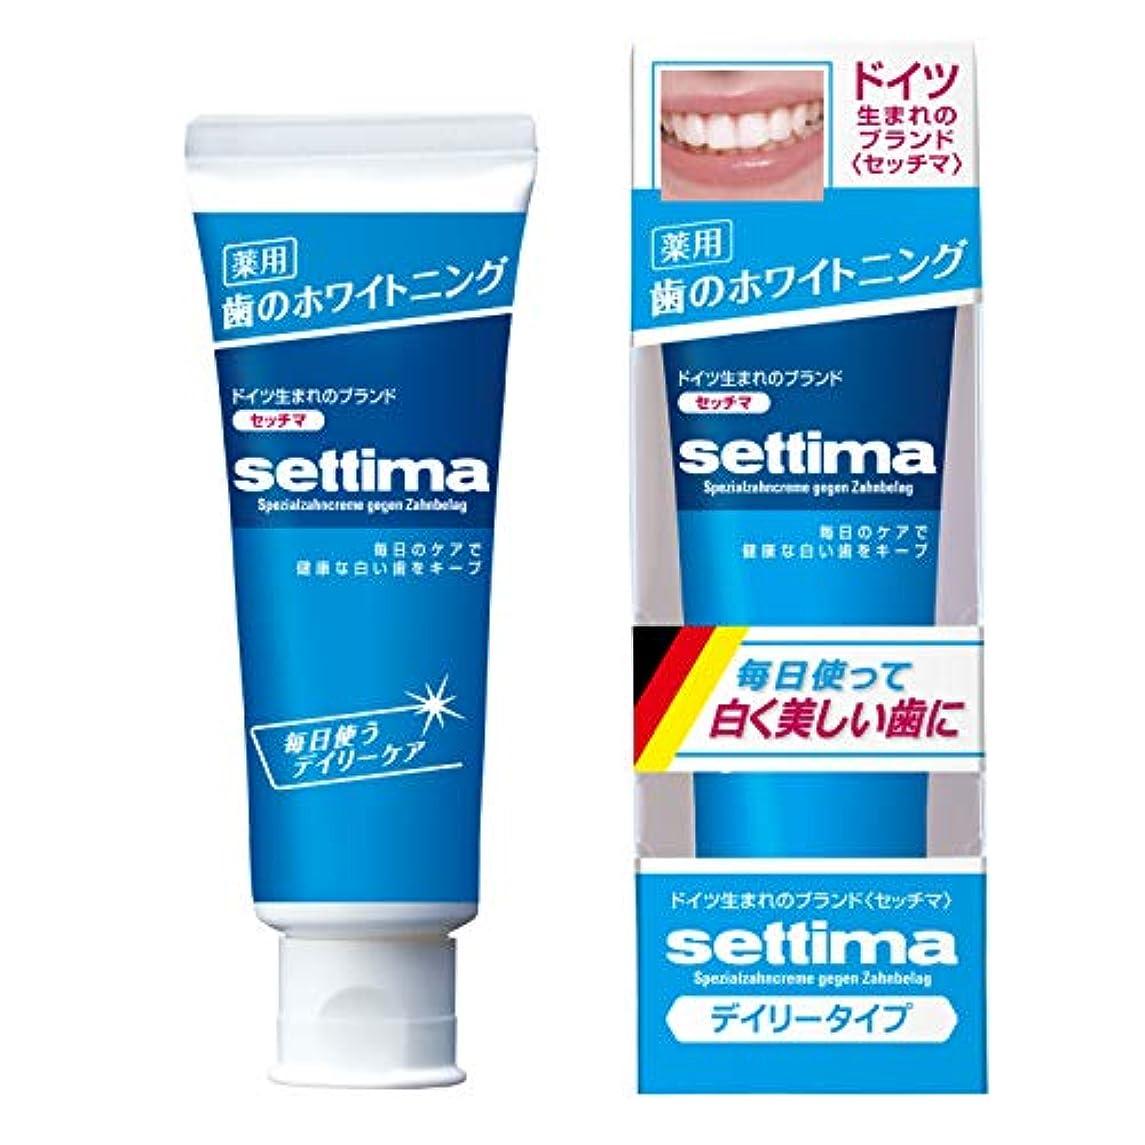 のぞき見宇宙咳[医薬部外品] settima(セッチマ) ホワイトニング 歯みがき デイリーケア [ファインミントタイプ] <ステインケア タバコのヤニ取り フッ素配合 虫歯予防> 80g